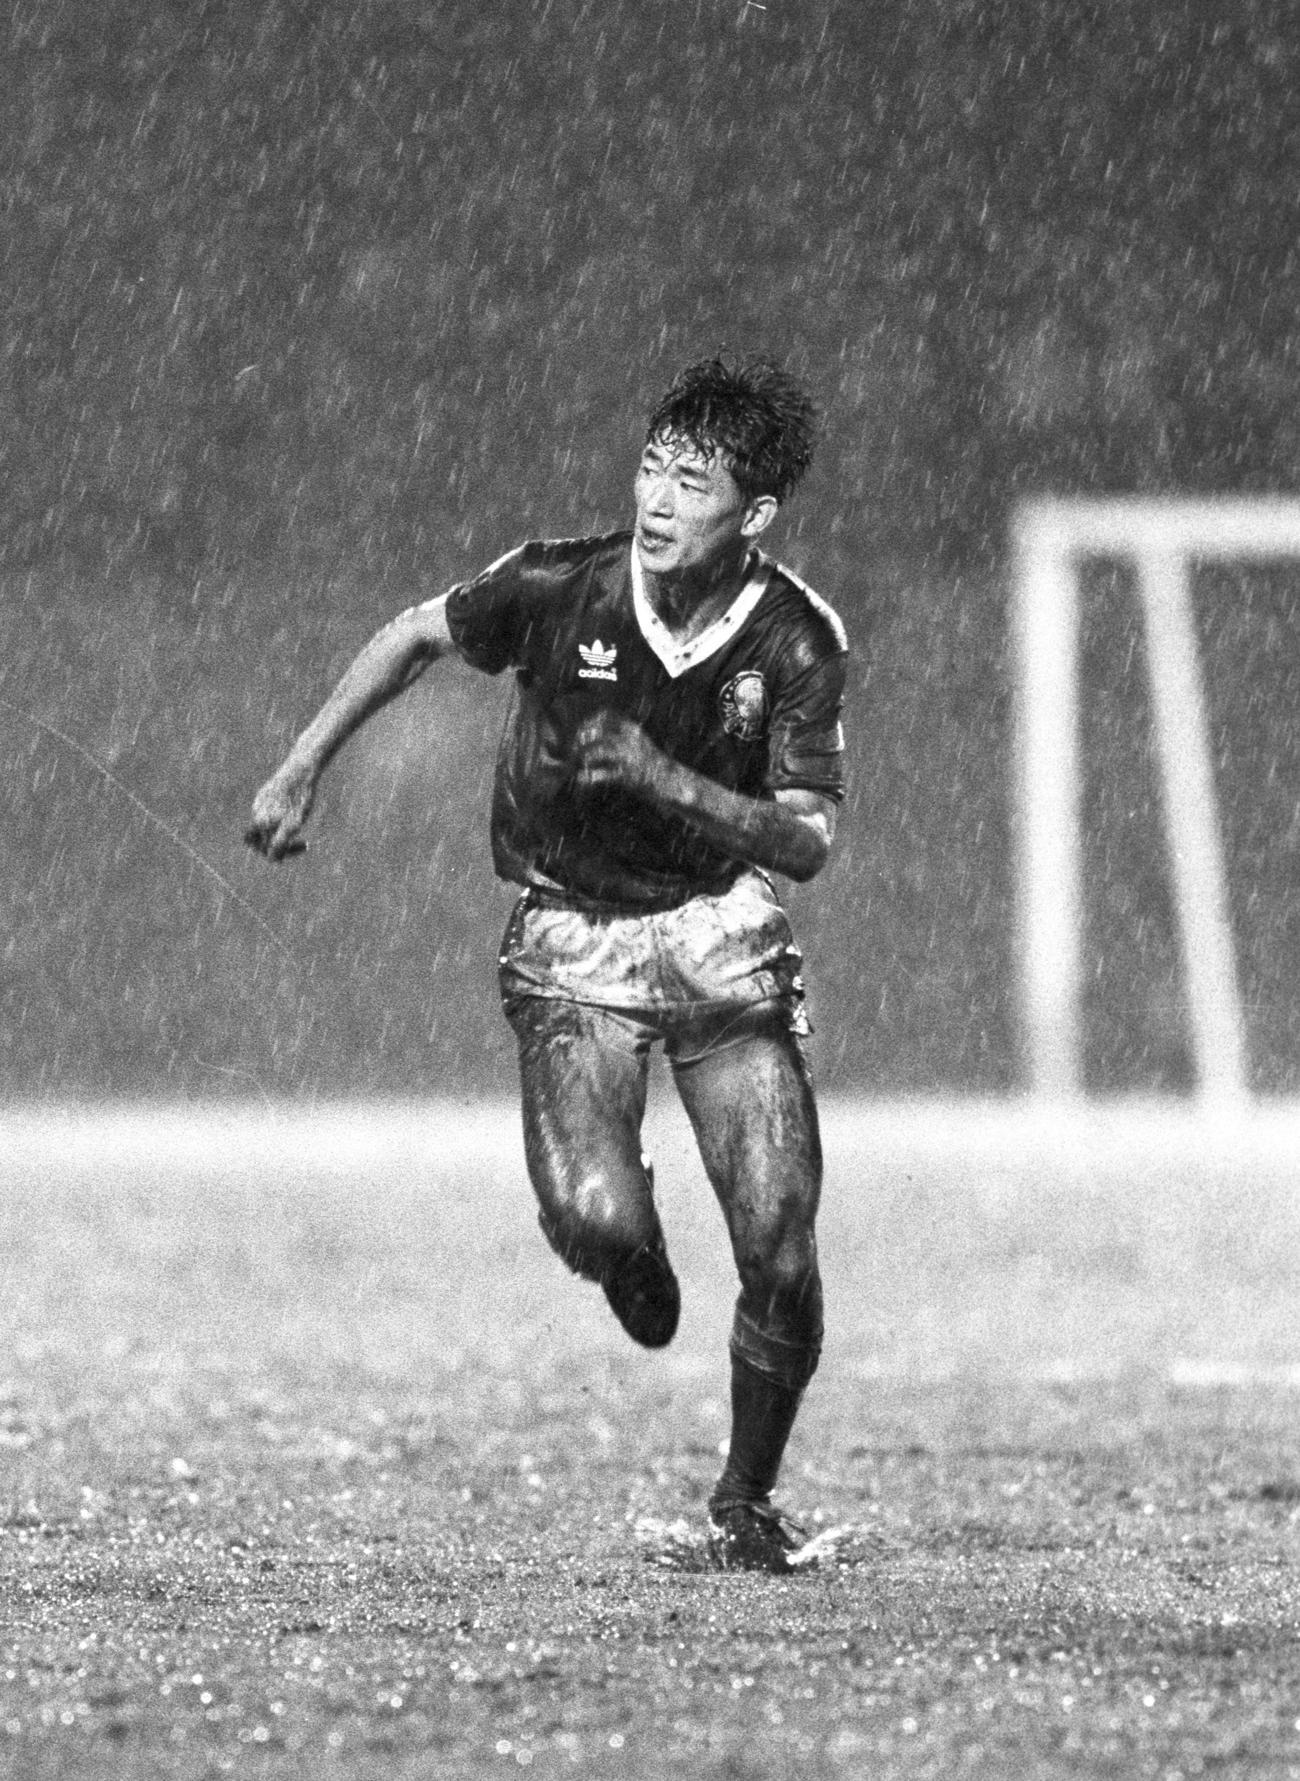 86年5月 パルメイラス対アルジェリア選抜に出場するカズ(三浦知良)